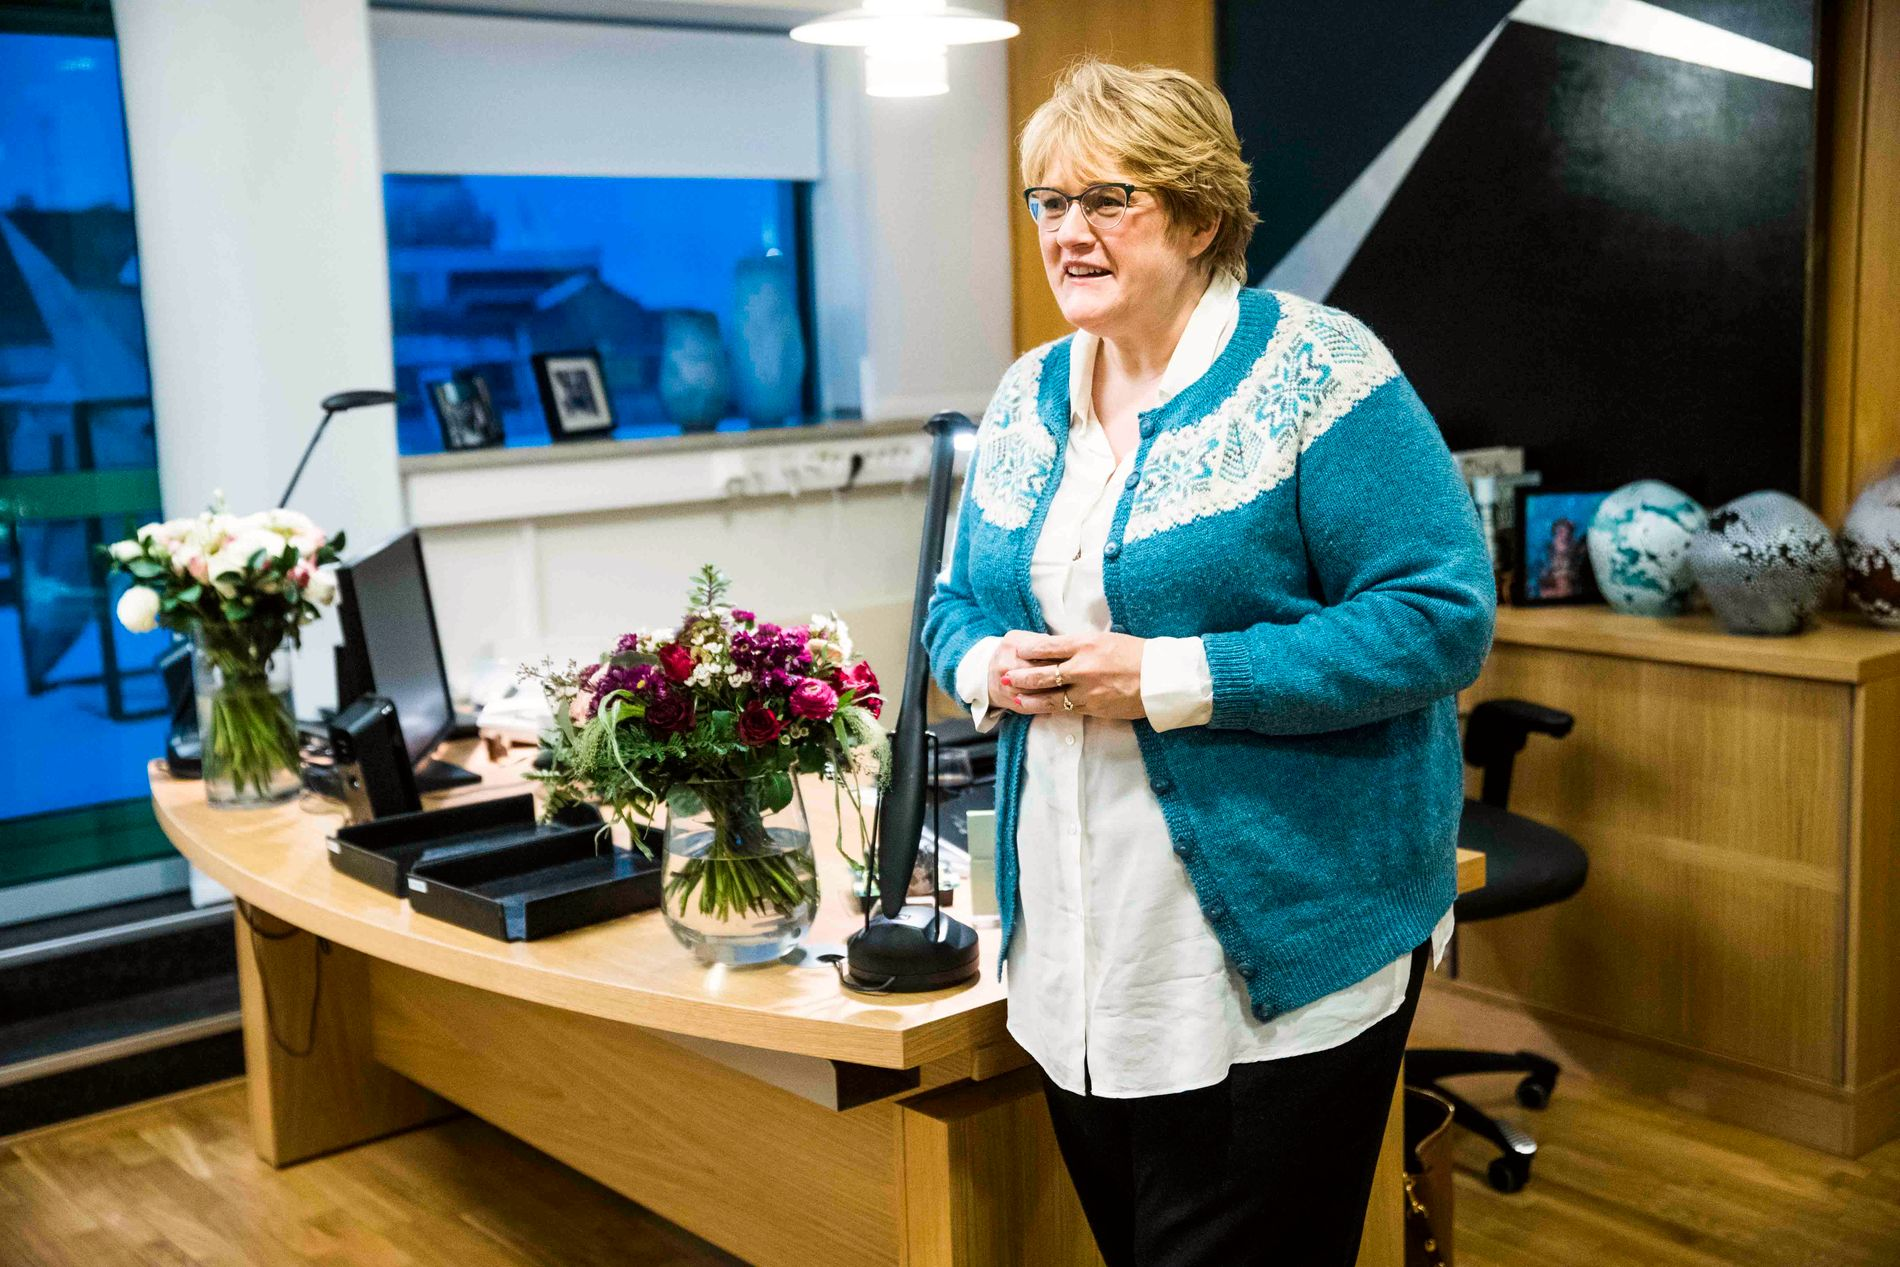 NY KULTURMINISTER: Trine Skei Grande (V), her på det nye kontoret sitt i Grubbegata i Oslo mandag ettermiddag.